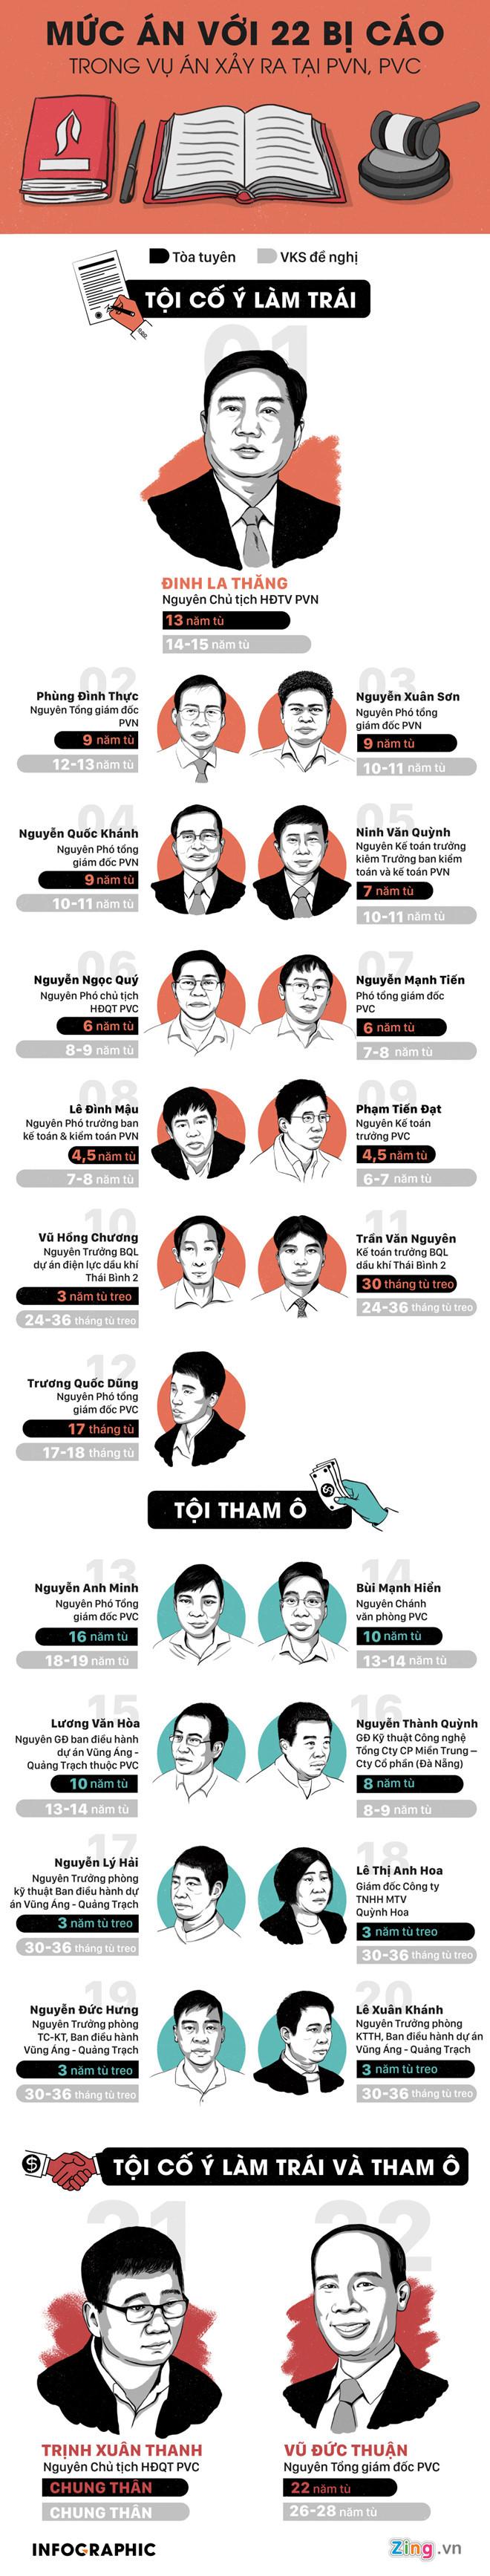 Hình ảnh Cựu Phó Chủ tịch PVC trong vụ án Đinh La Thăng làm đơn kháng cáo số 2